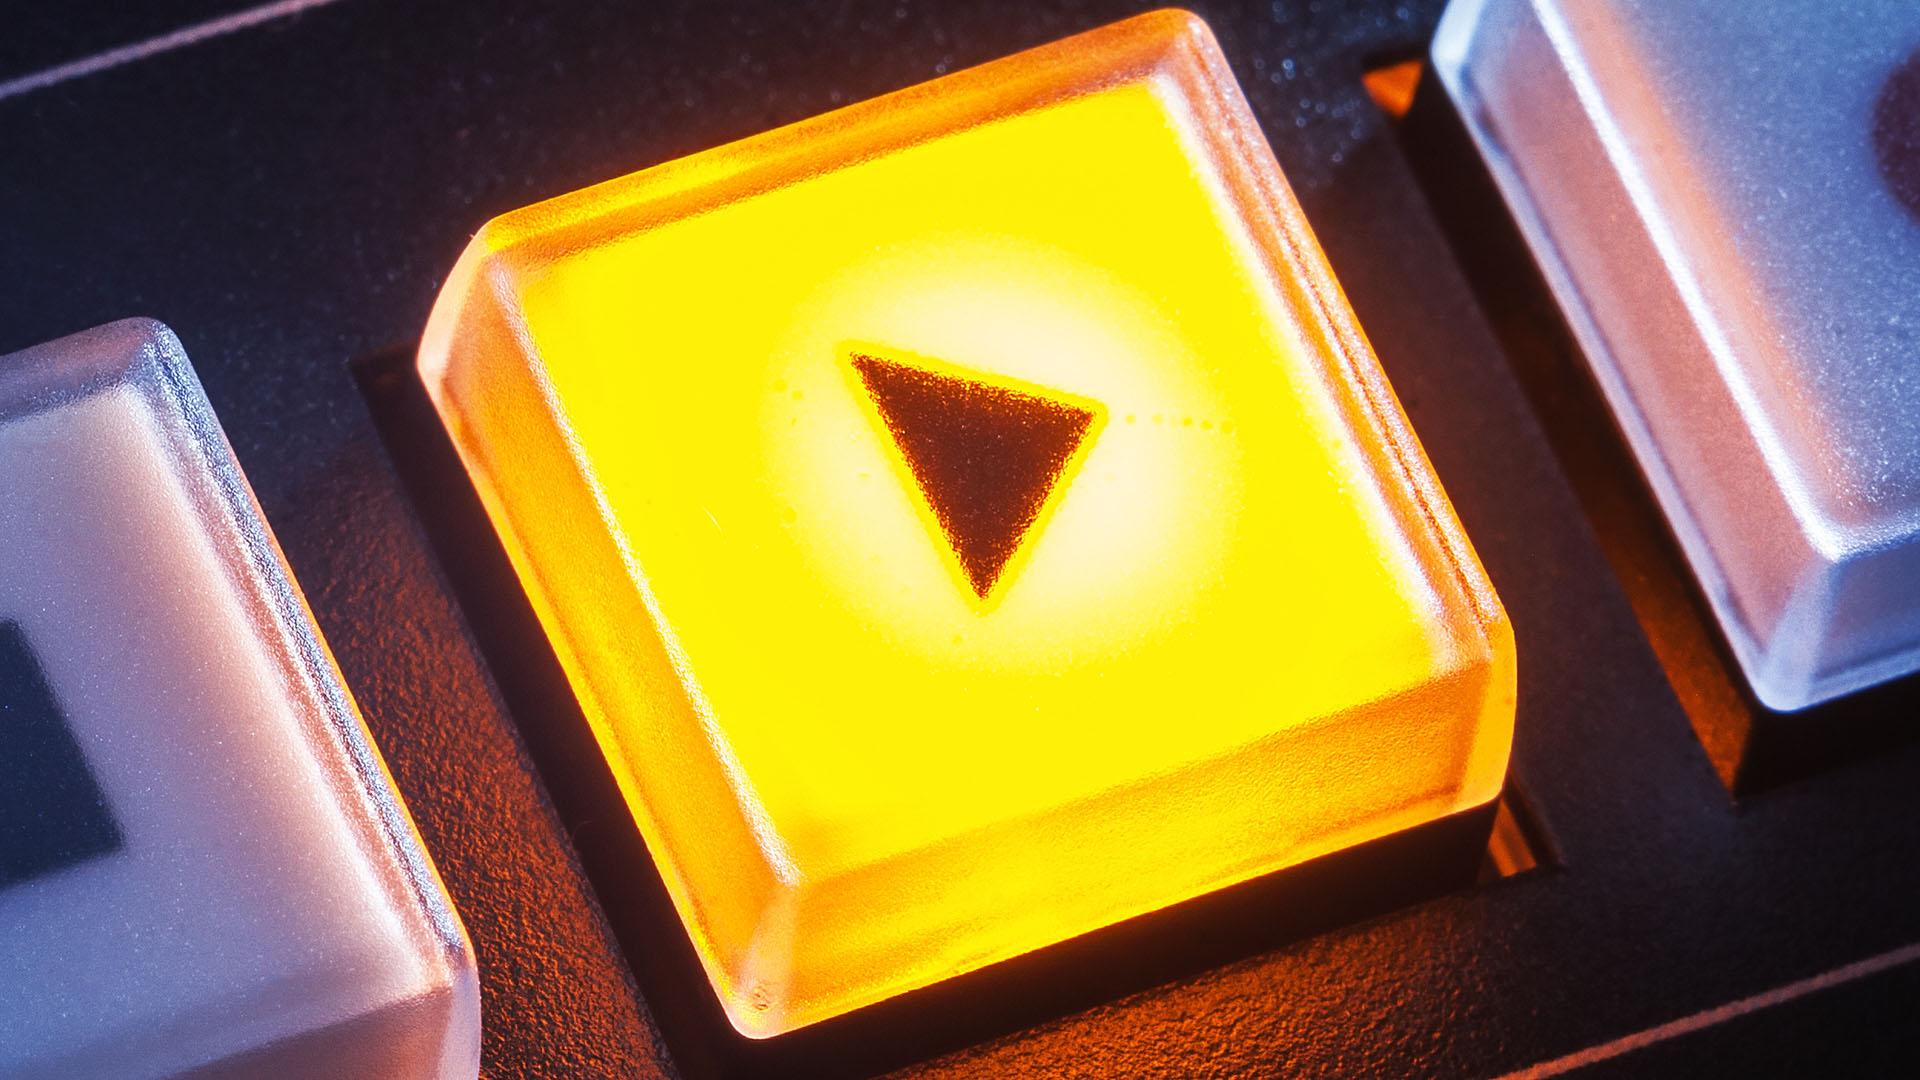 H.266/VVC : le codec « écolo » qui définira l'avenir de la vidéo est prêt